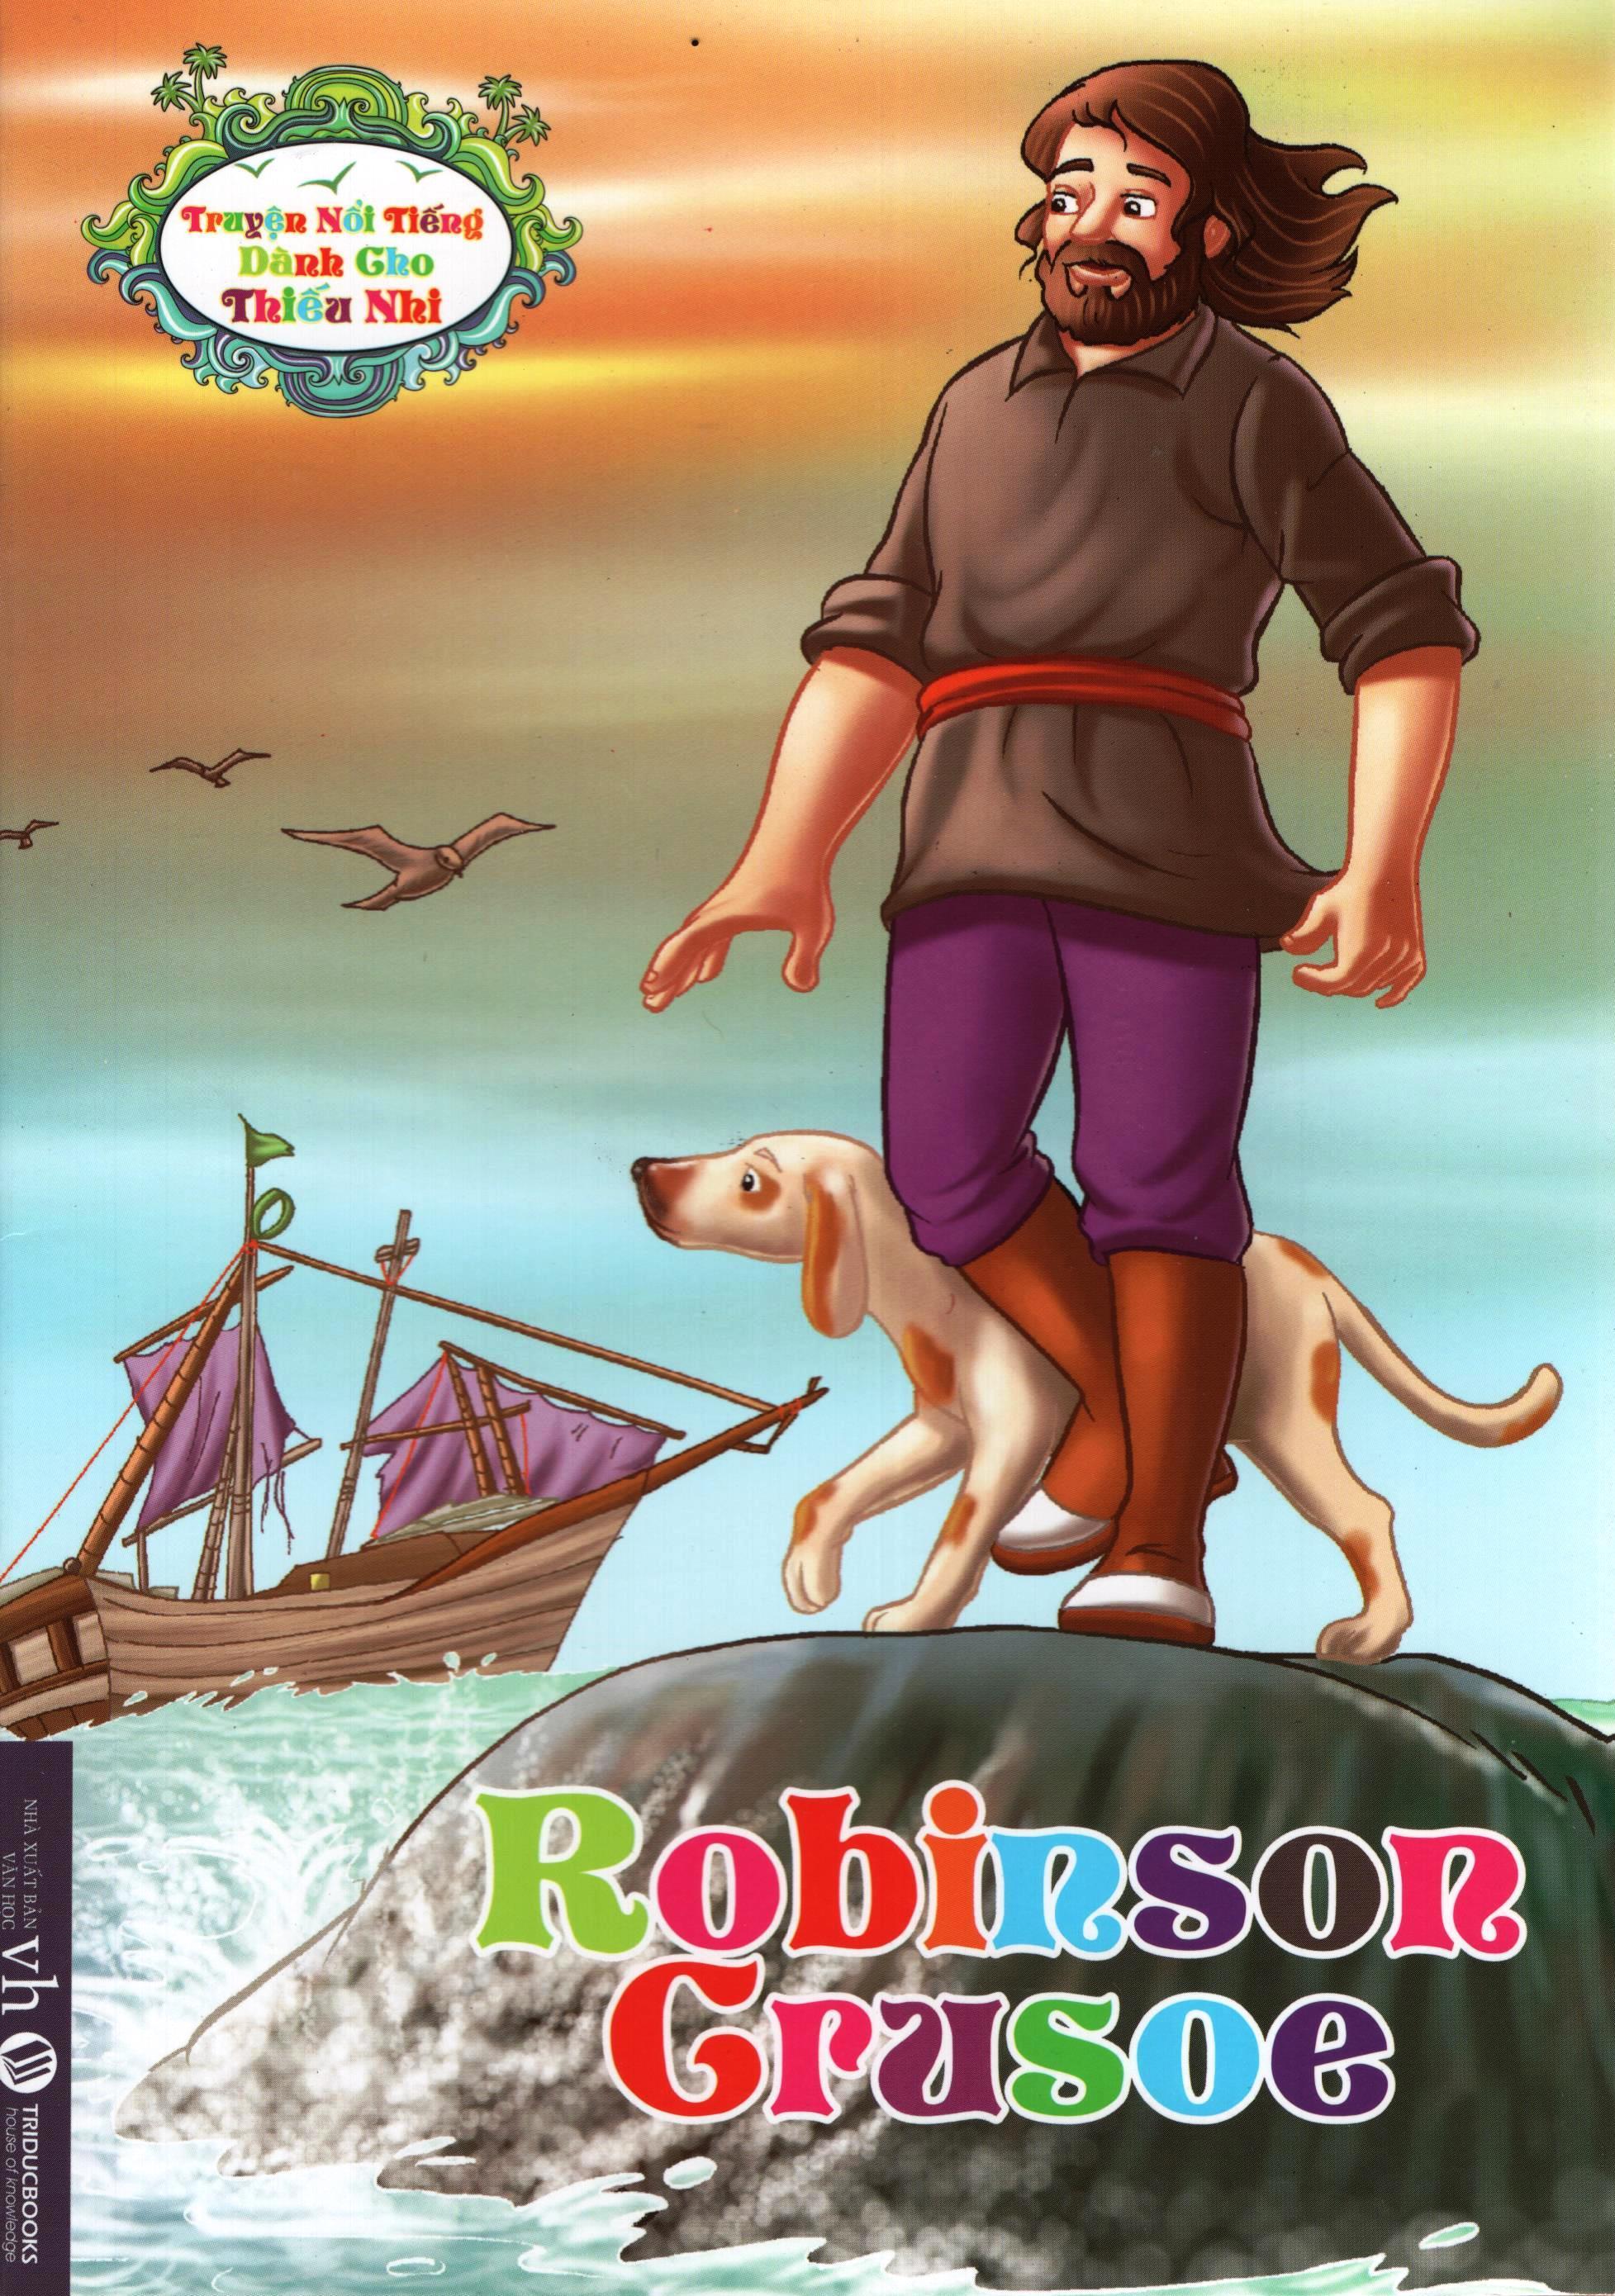 Truyện Nổi Tiếng Dành Cho Thiếu Nhi – Robinson Crusoe